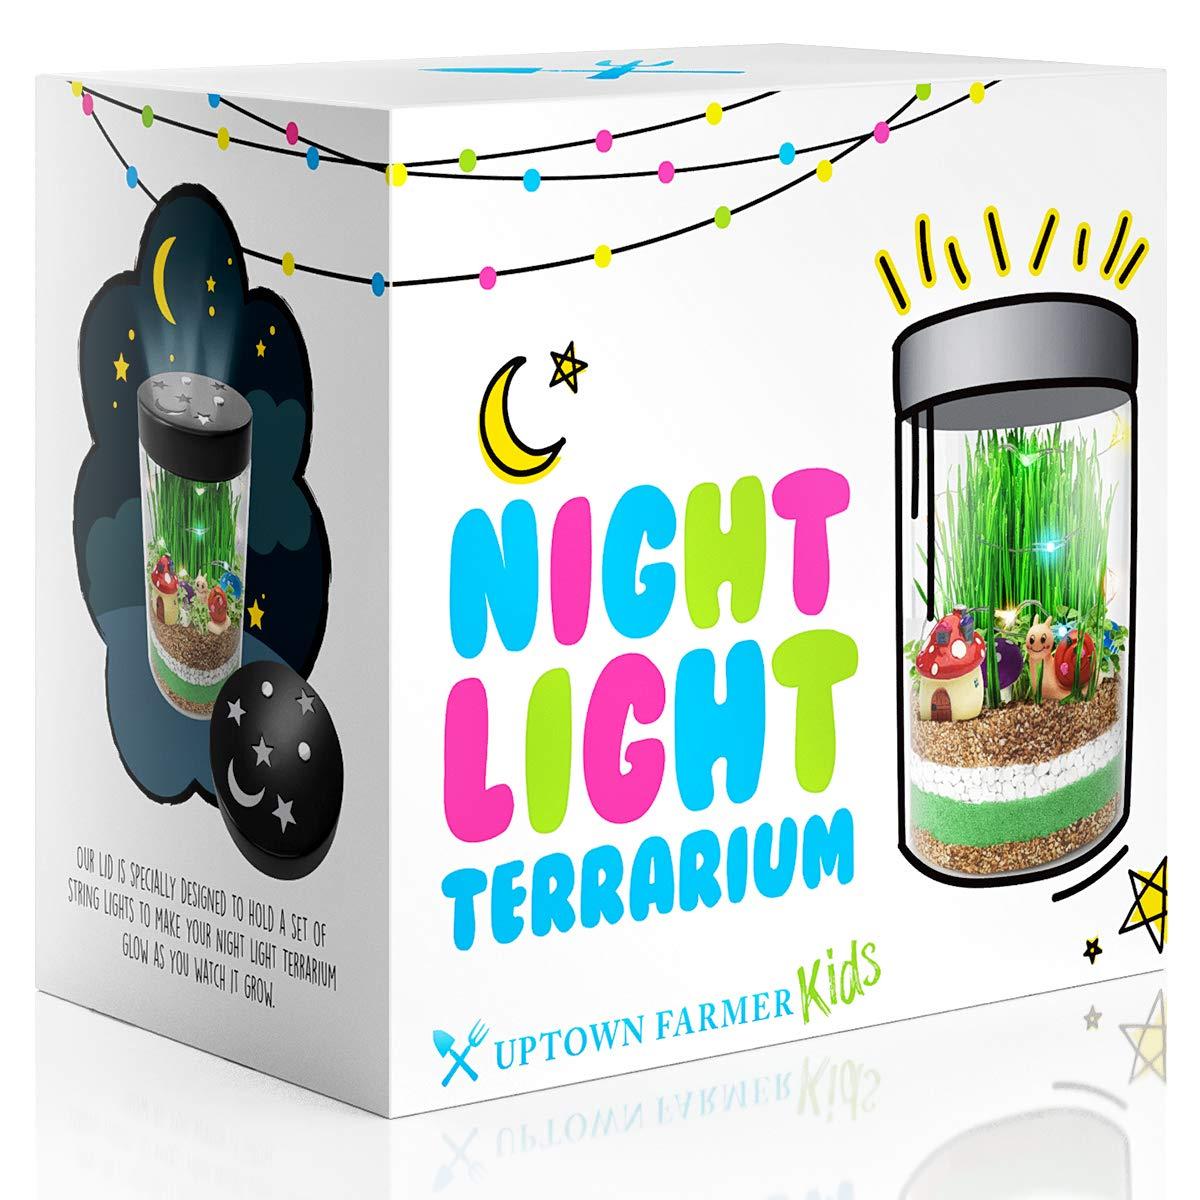 Unicorn Terrarium Kit